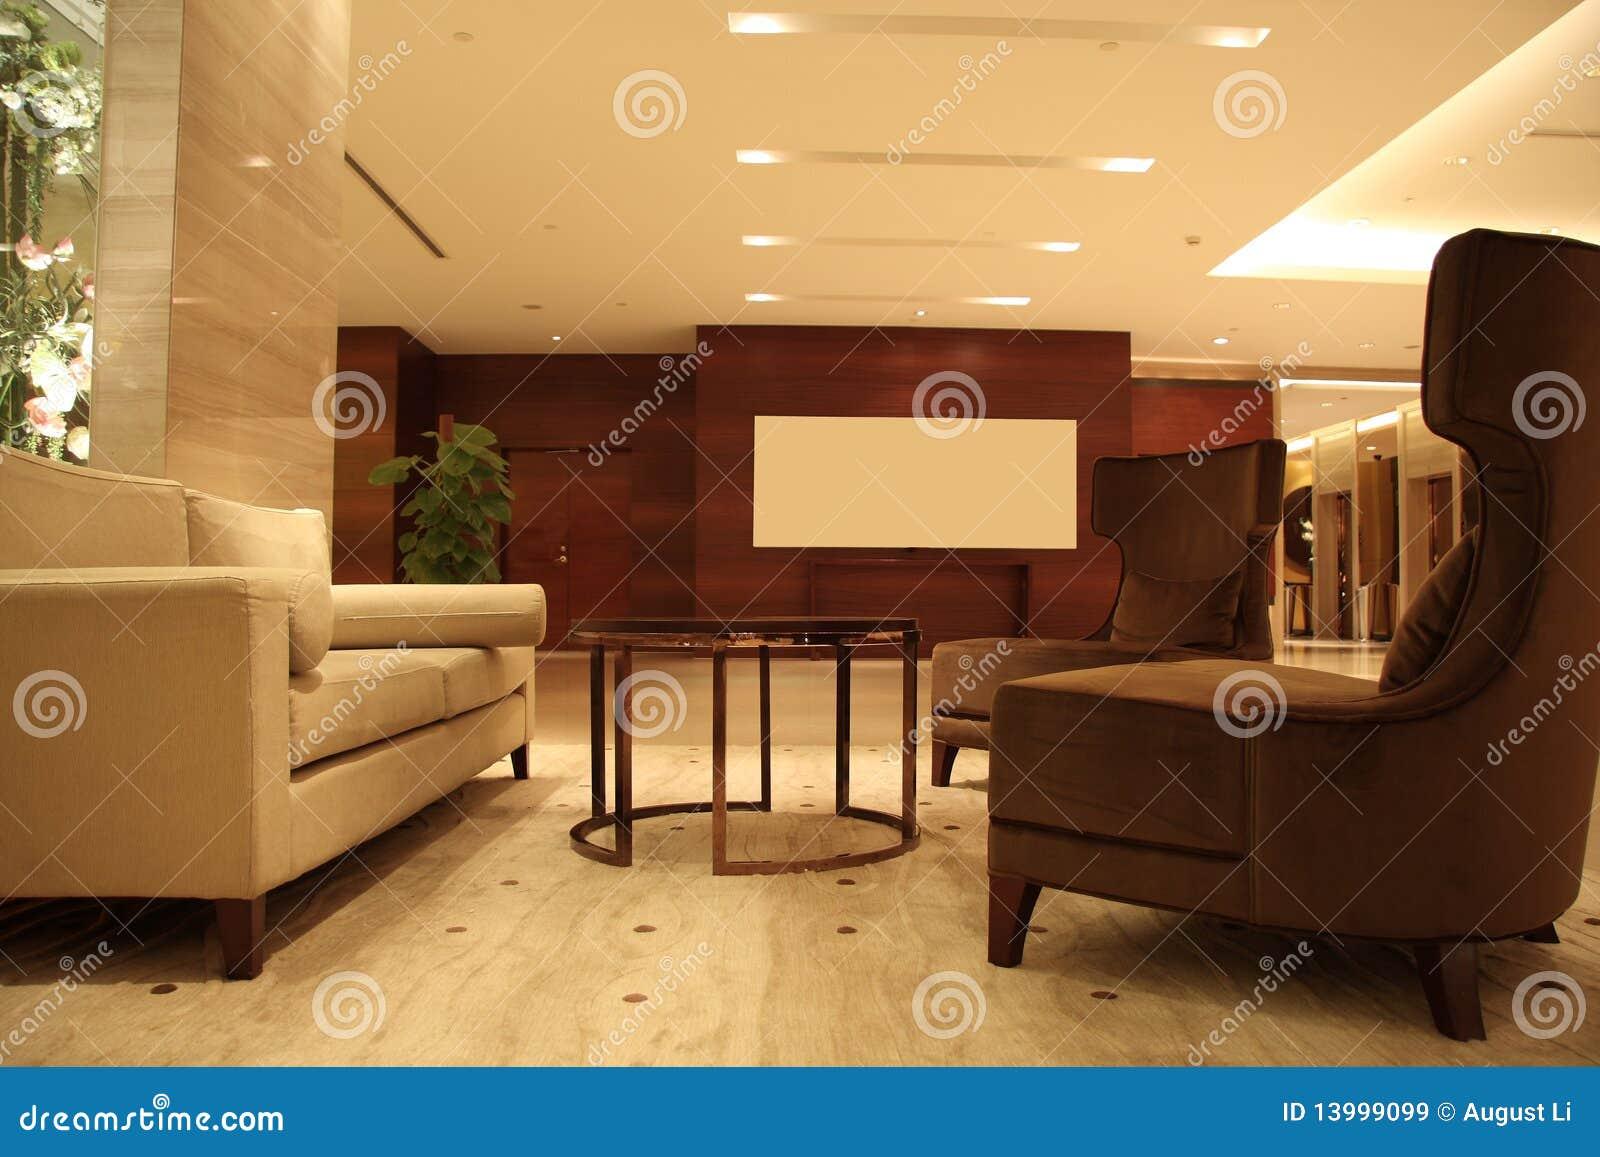 Moderne hal royalty vrije stock afbeeldingen afbeelding 13999099 - Hal ingang ontwerp ...